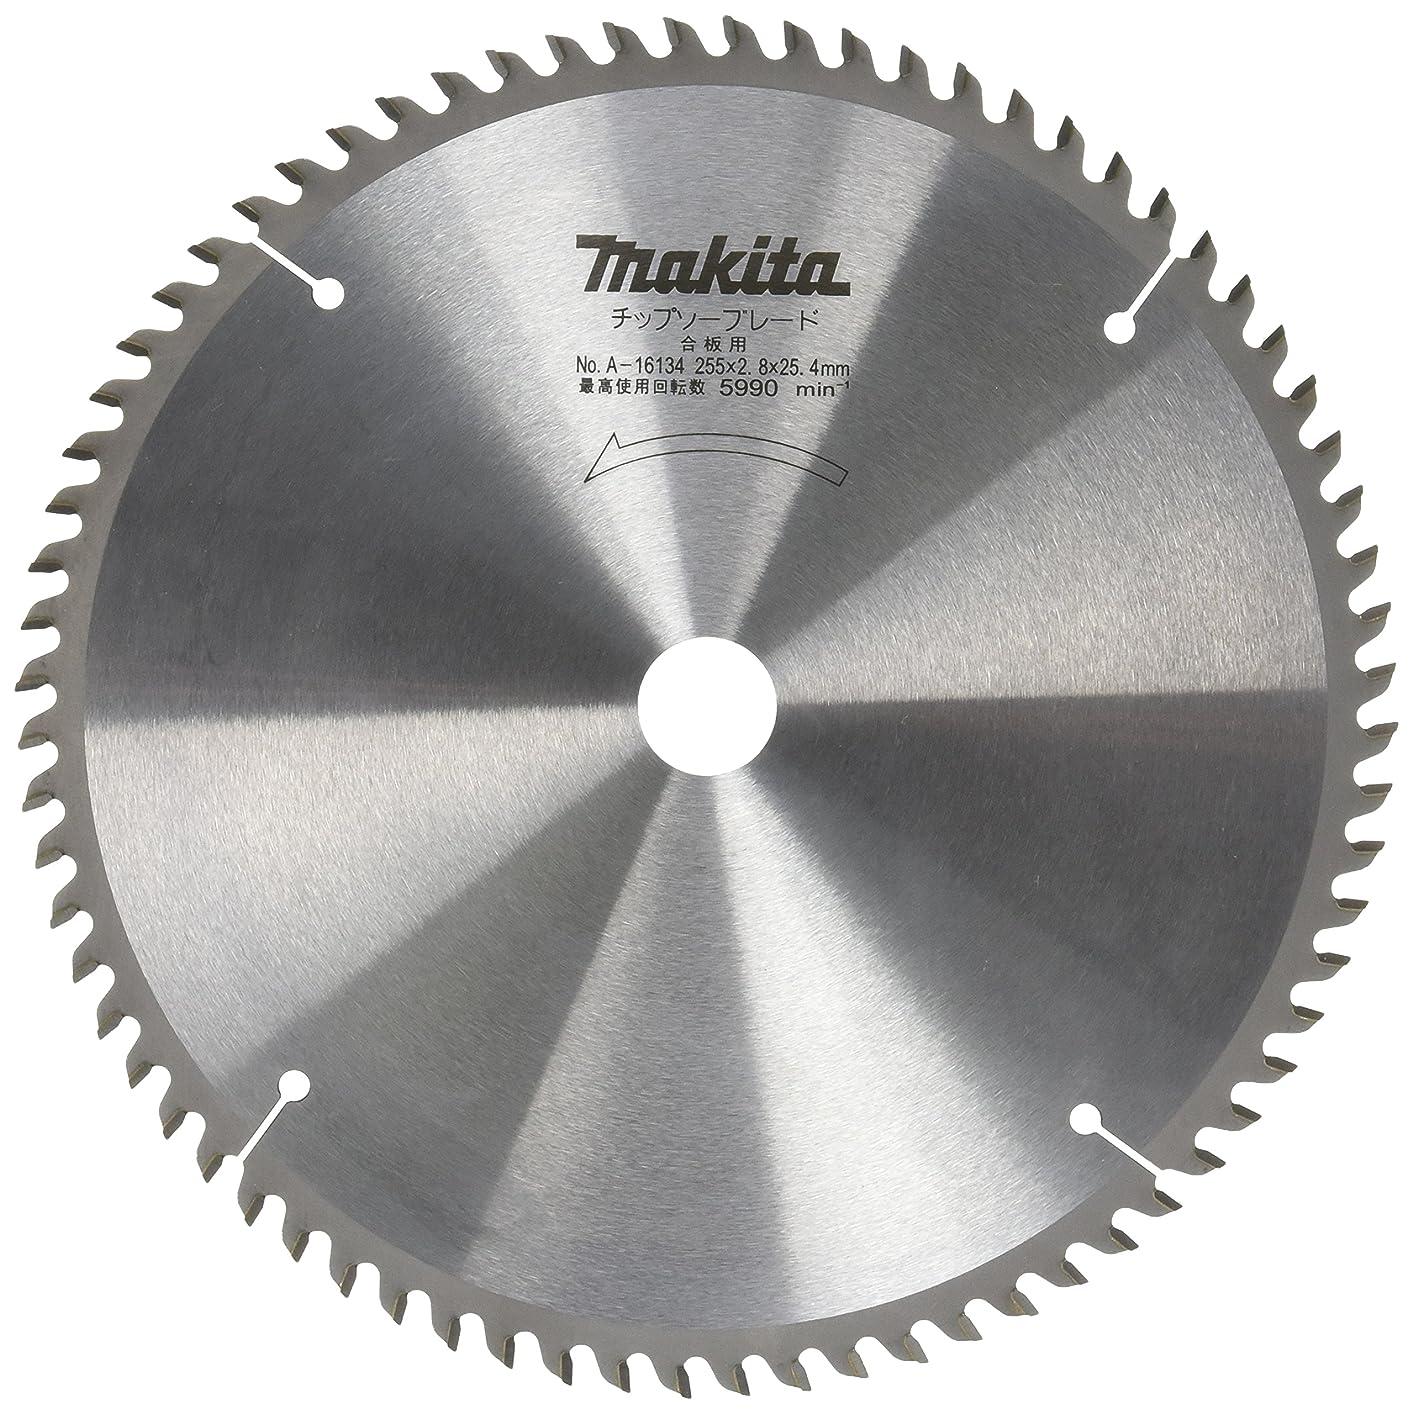 最もセットする経験マキタ(Makita)  チップソー 合板専用 外径255mm 刃数72T (マルノコ盤?パネルソー用) A-16134